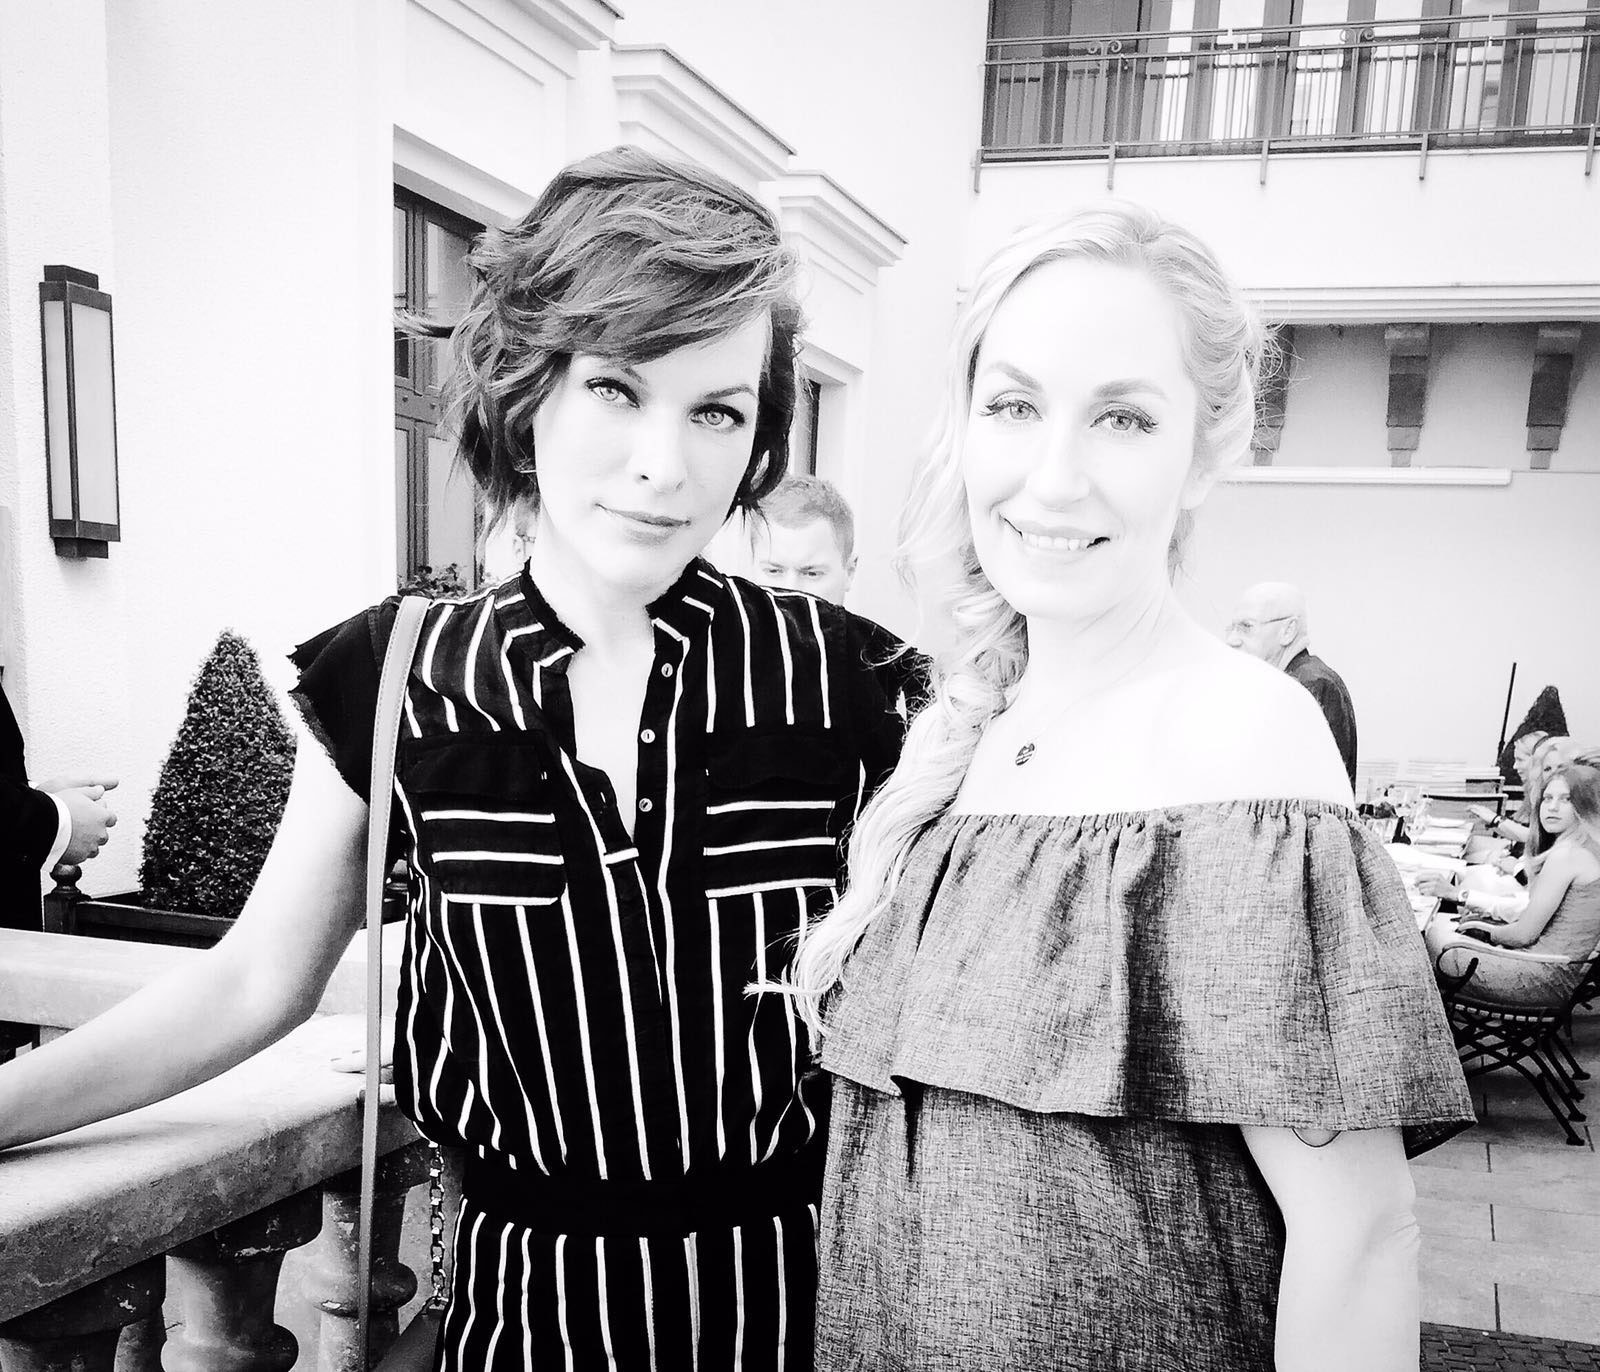 Elna und Milla Jovovich auf der Fashion Week